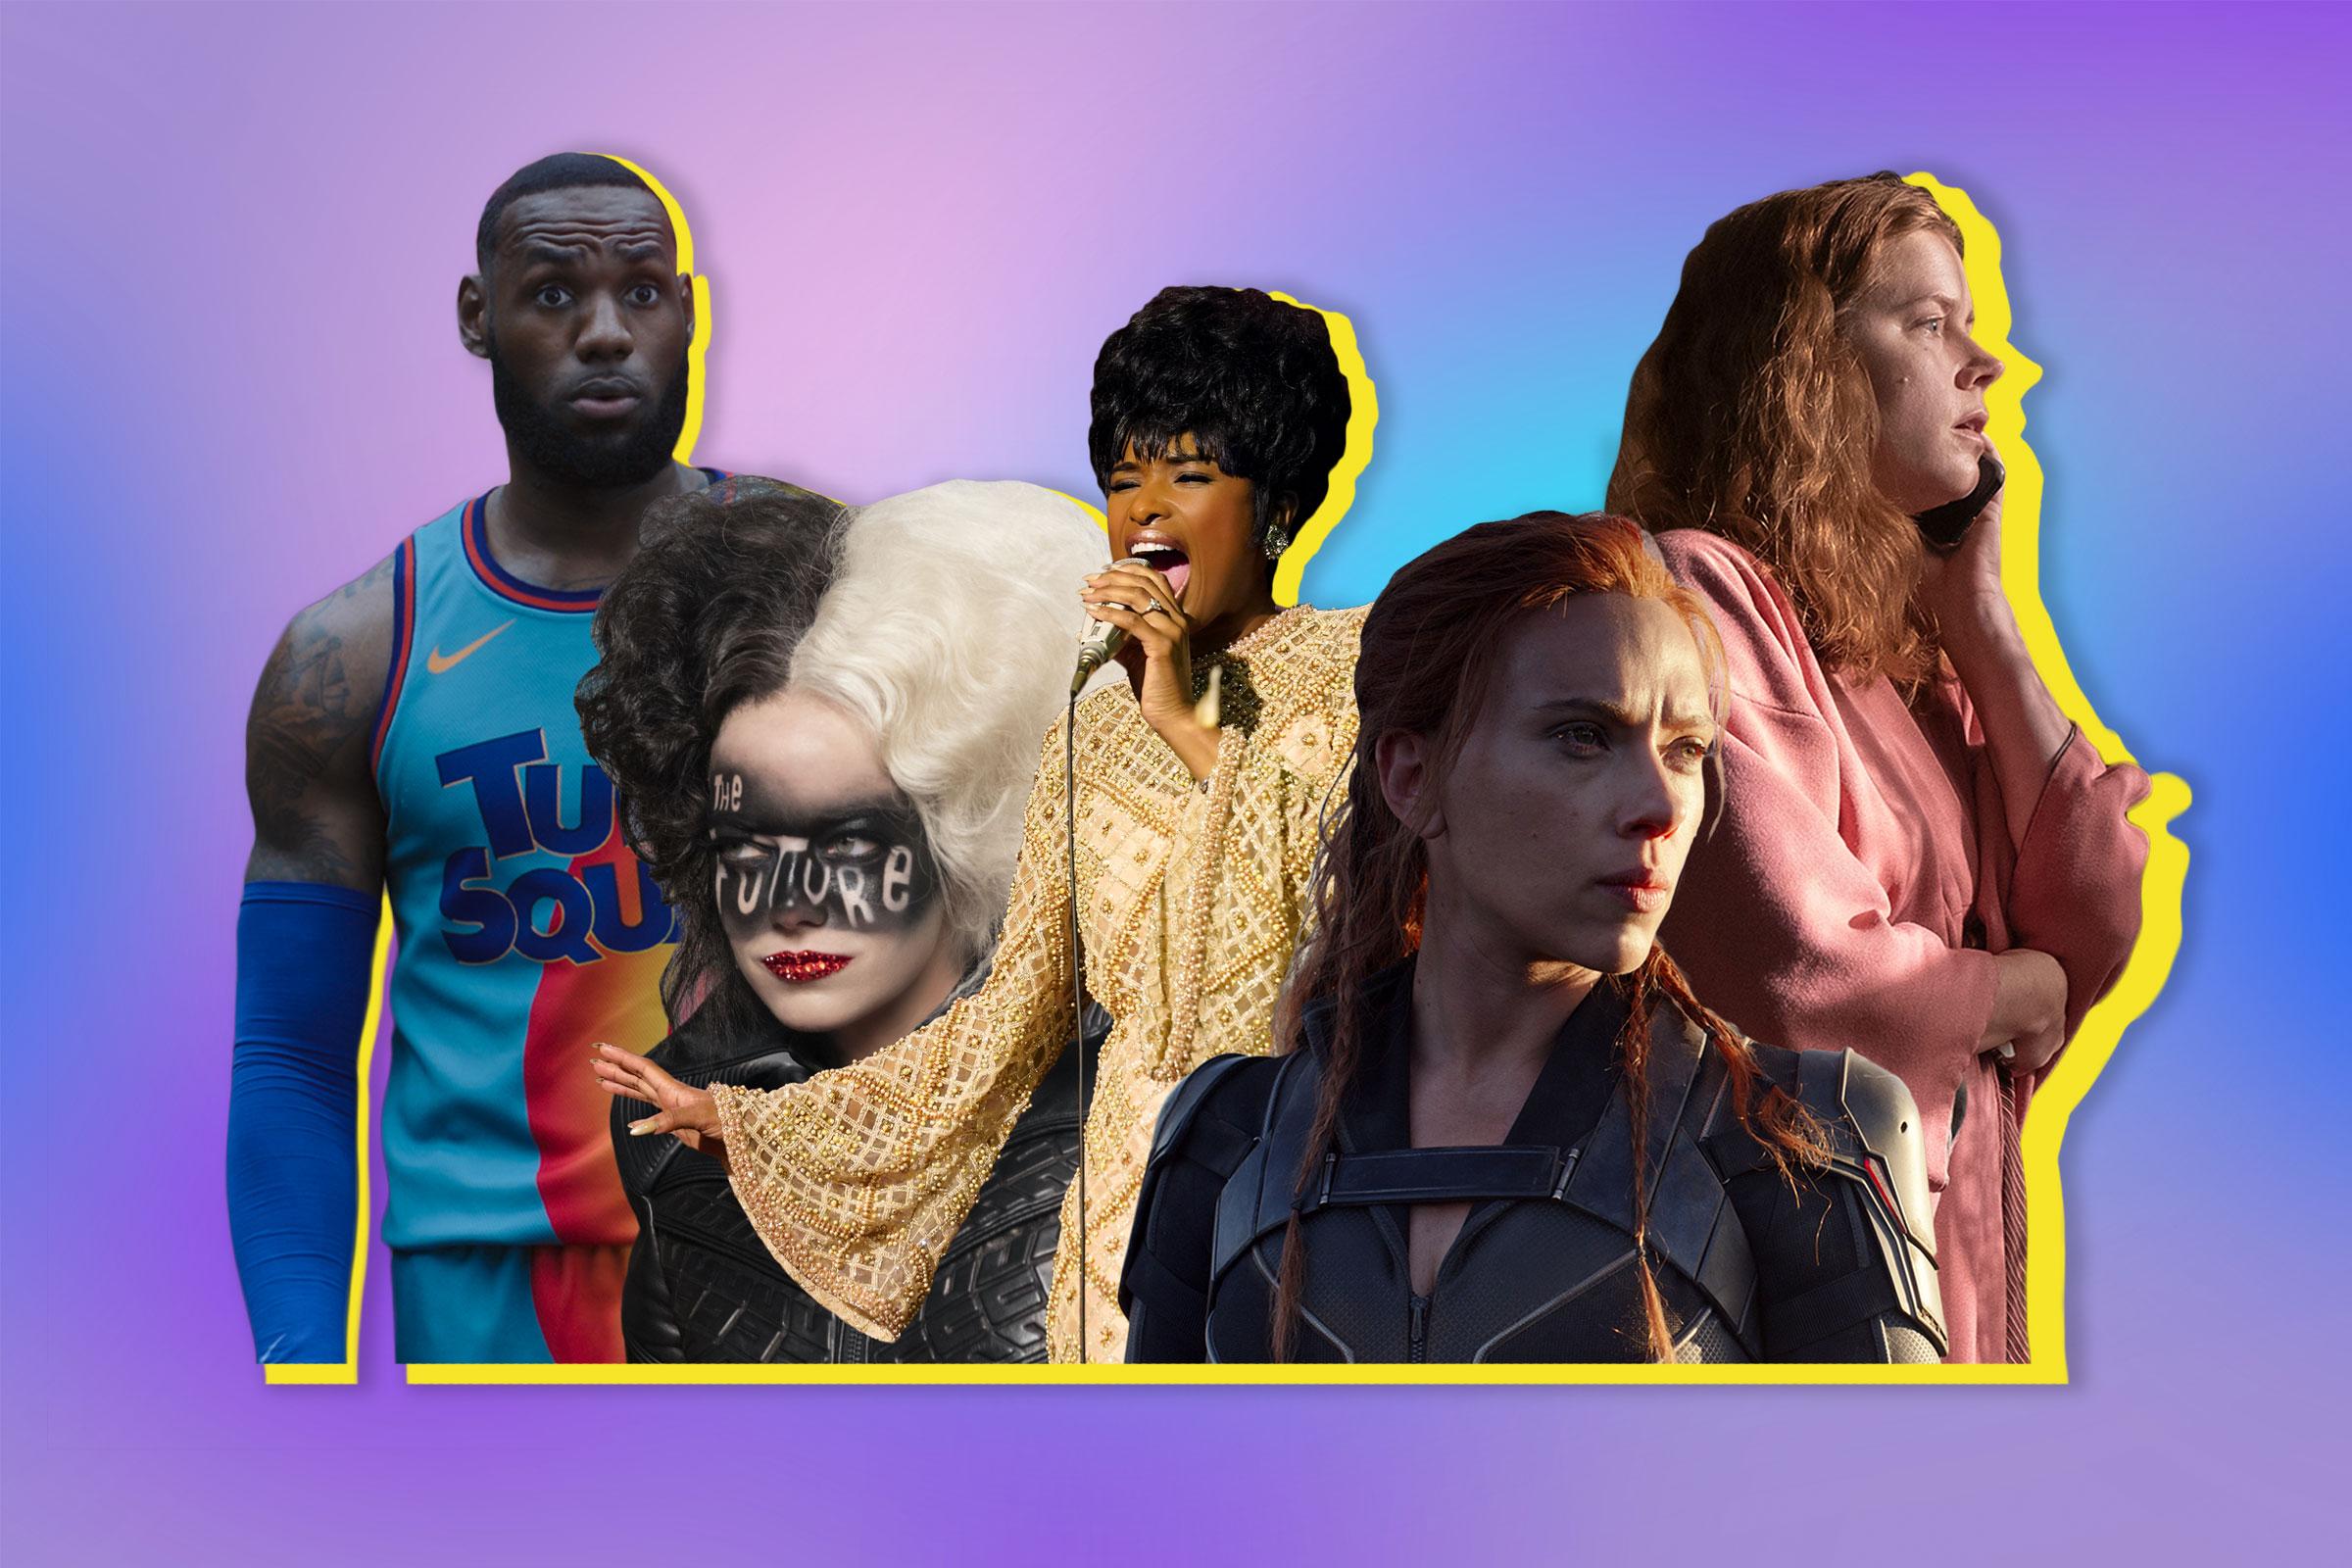 Lebron James in Space Jam: A New Legacy; Emma Stone in Cruella; Jennifer Hudson in Respect; Scarlett Johansson in Black Widow; Amy Adams in The Woman in the Window